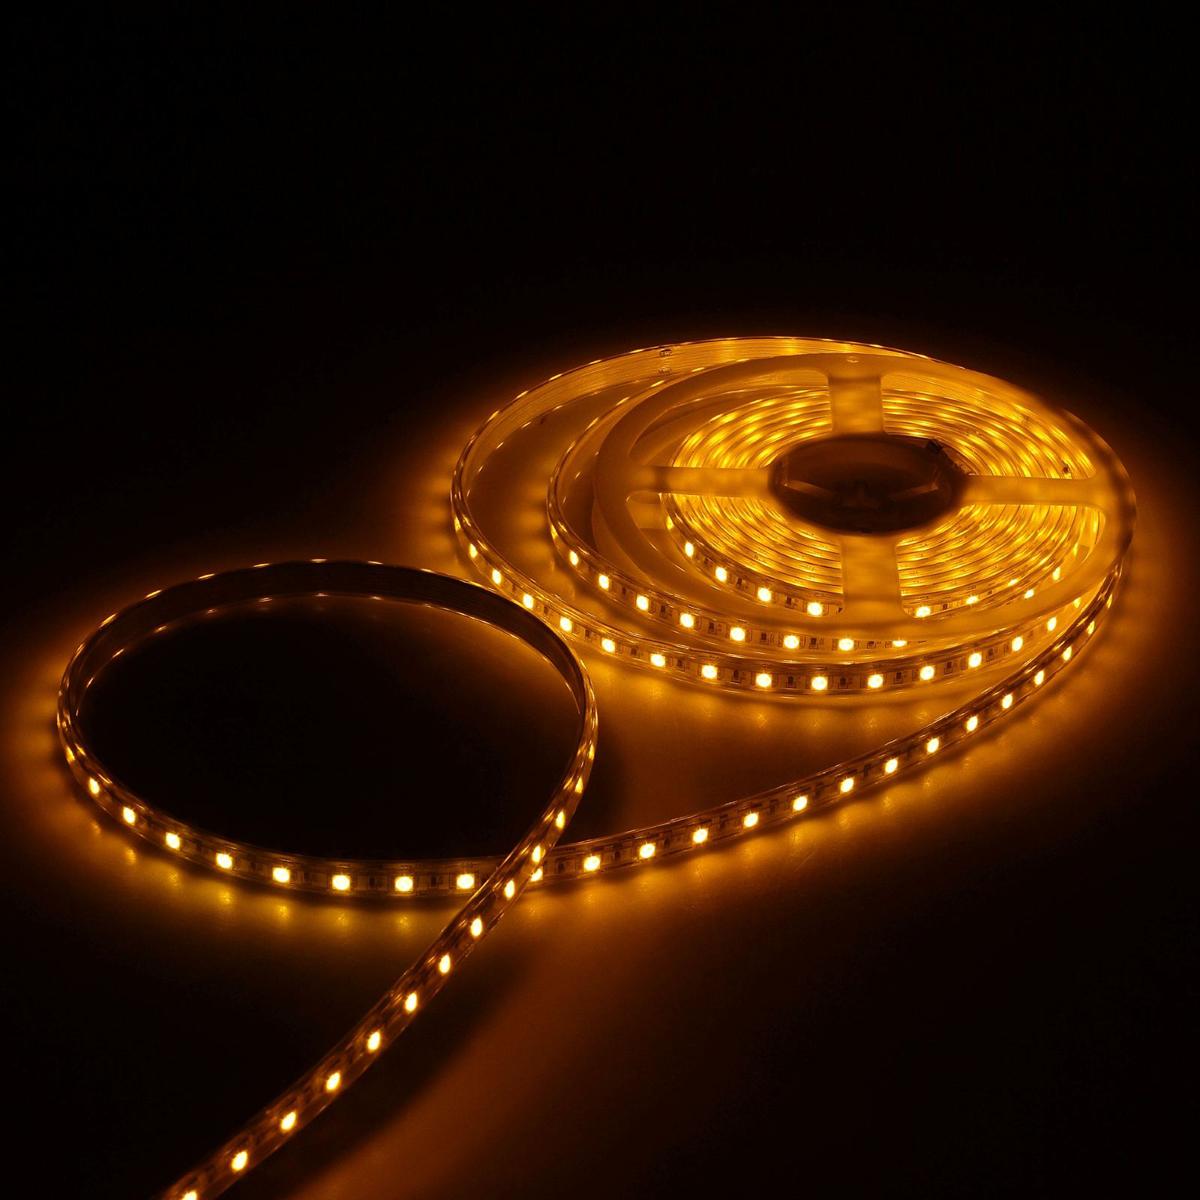 Светодиодная лента Luazon, 220В, SMD5050, длина 5 м, IP65, 60 LED ламп, 11 Вт/м, 16-18 Лм/1 LED, AC, цвет: желтый883971Светодиодные гирлянды, ленты и т.д — это отличный вариант для новогоднего оформления интерьера или фасада. С их помощью помещение любого размера можно превратить в праздничный зал, а внешние элементы зданий, украшенные ими, мгновенно станут напоминать очертания сказочного дворца. Такие украшения создают ауру предвкушения чуда. Деревья, фасады, витрины, окна и арки будто специально созданы, чтобы вы украсили их светящимися нитями.